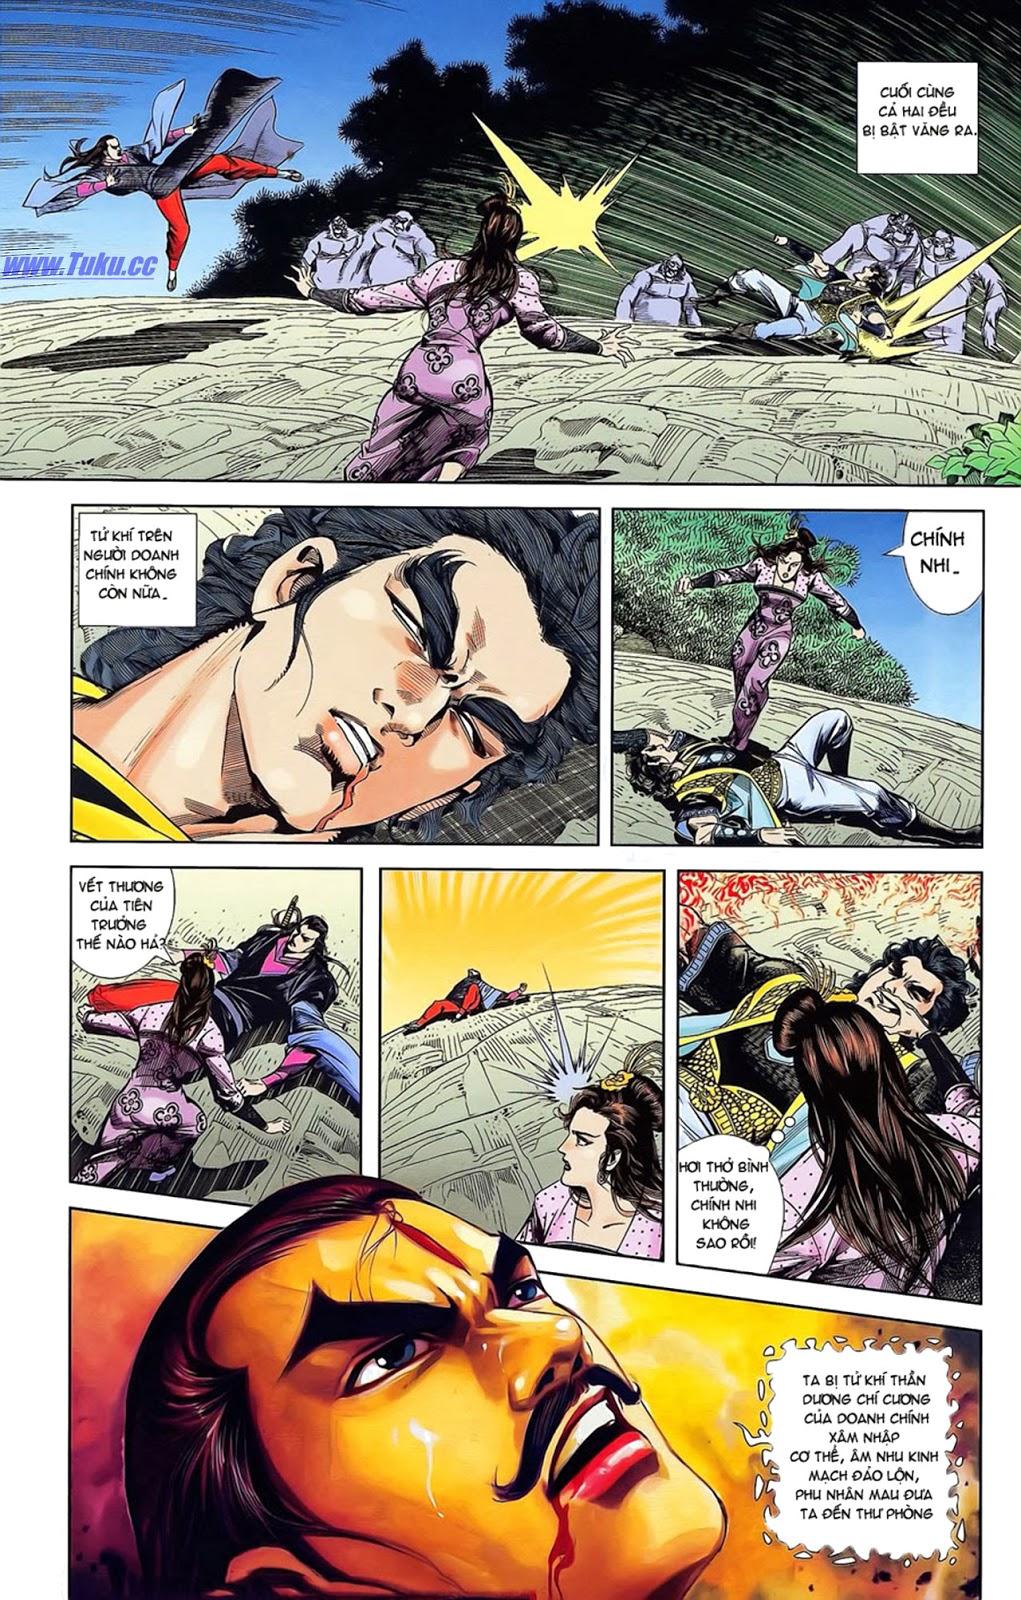 Tần Vương Doanh Chính chapter 15 trang 28